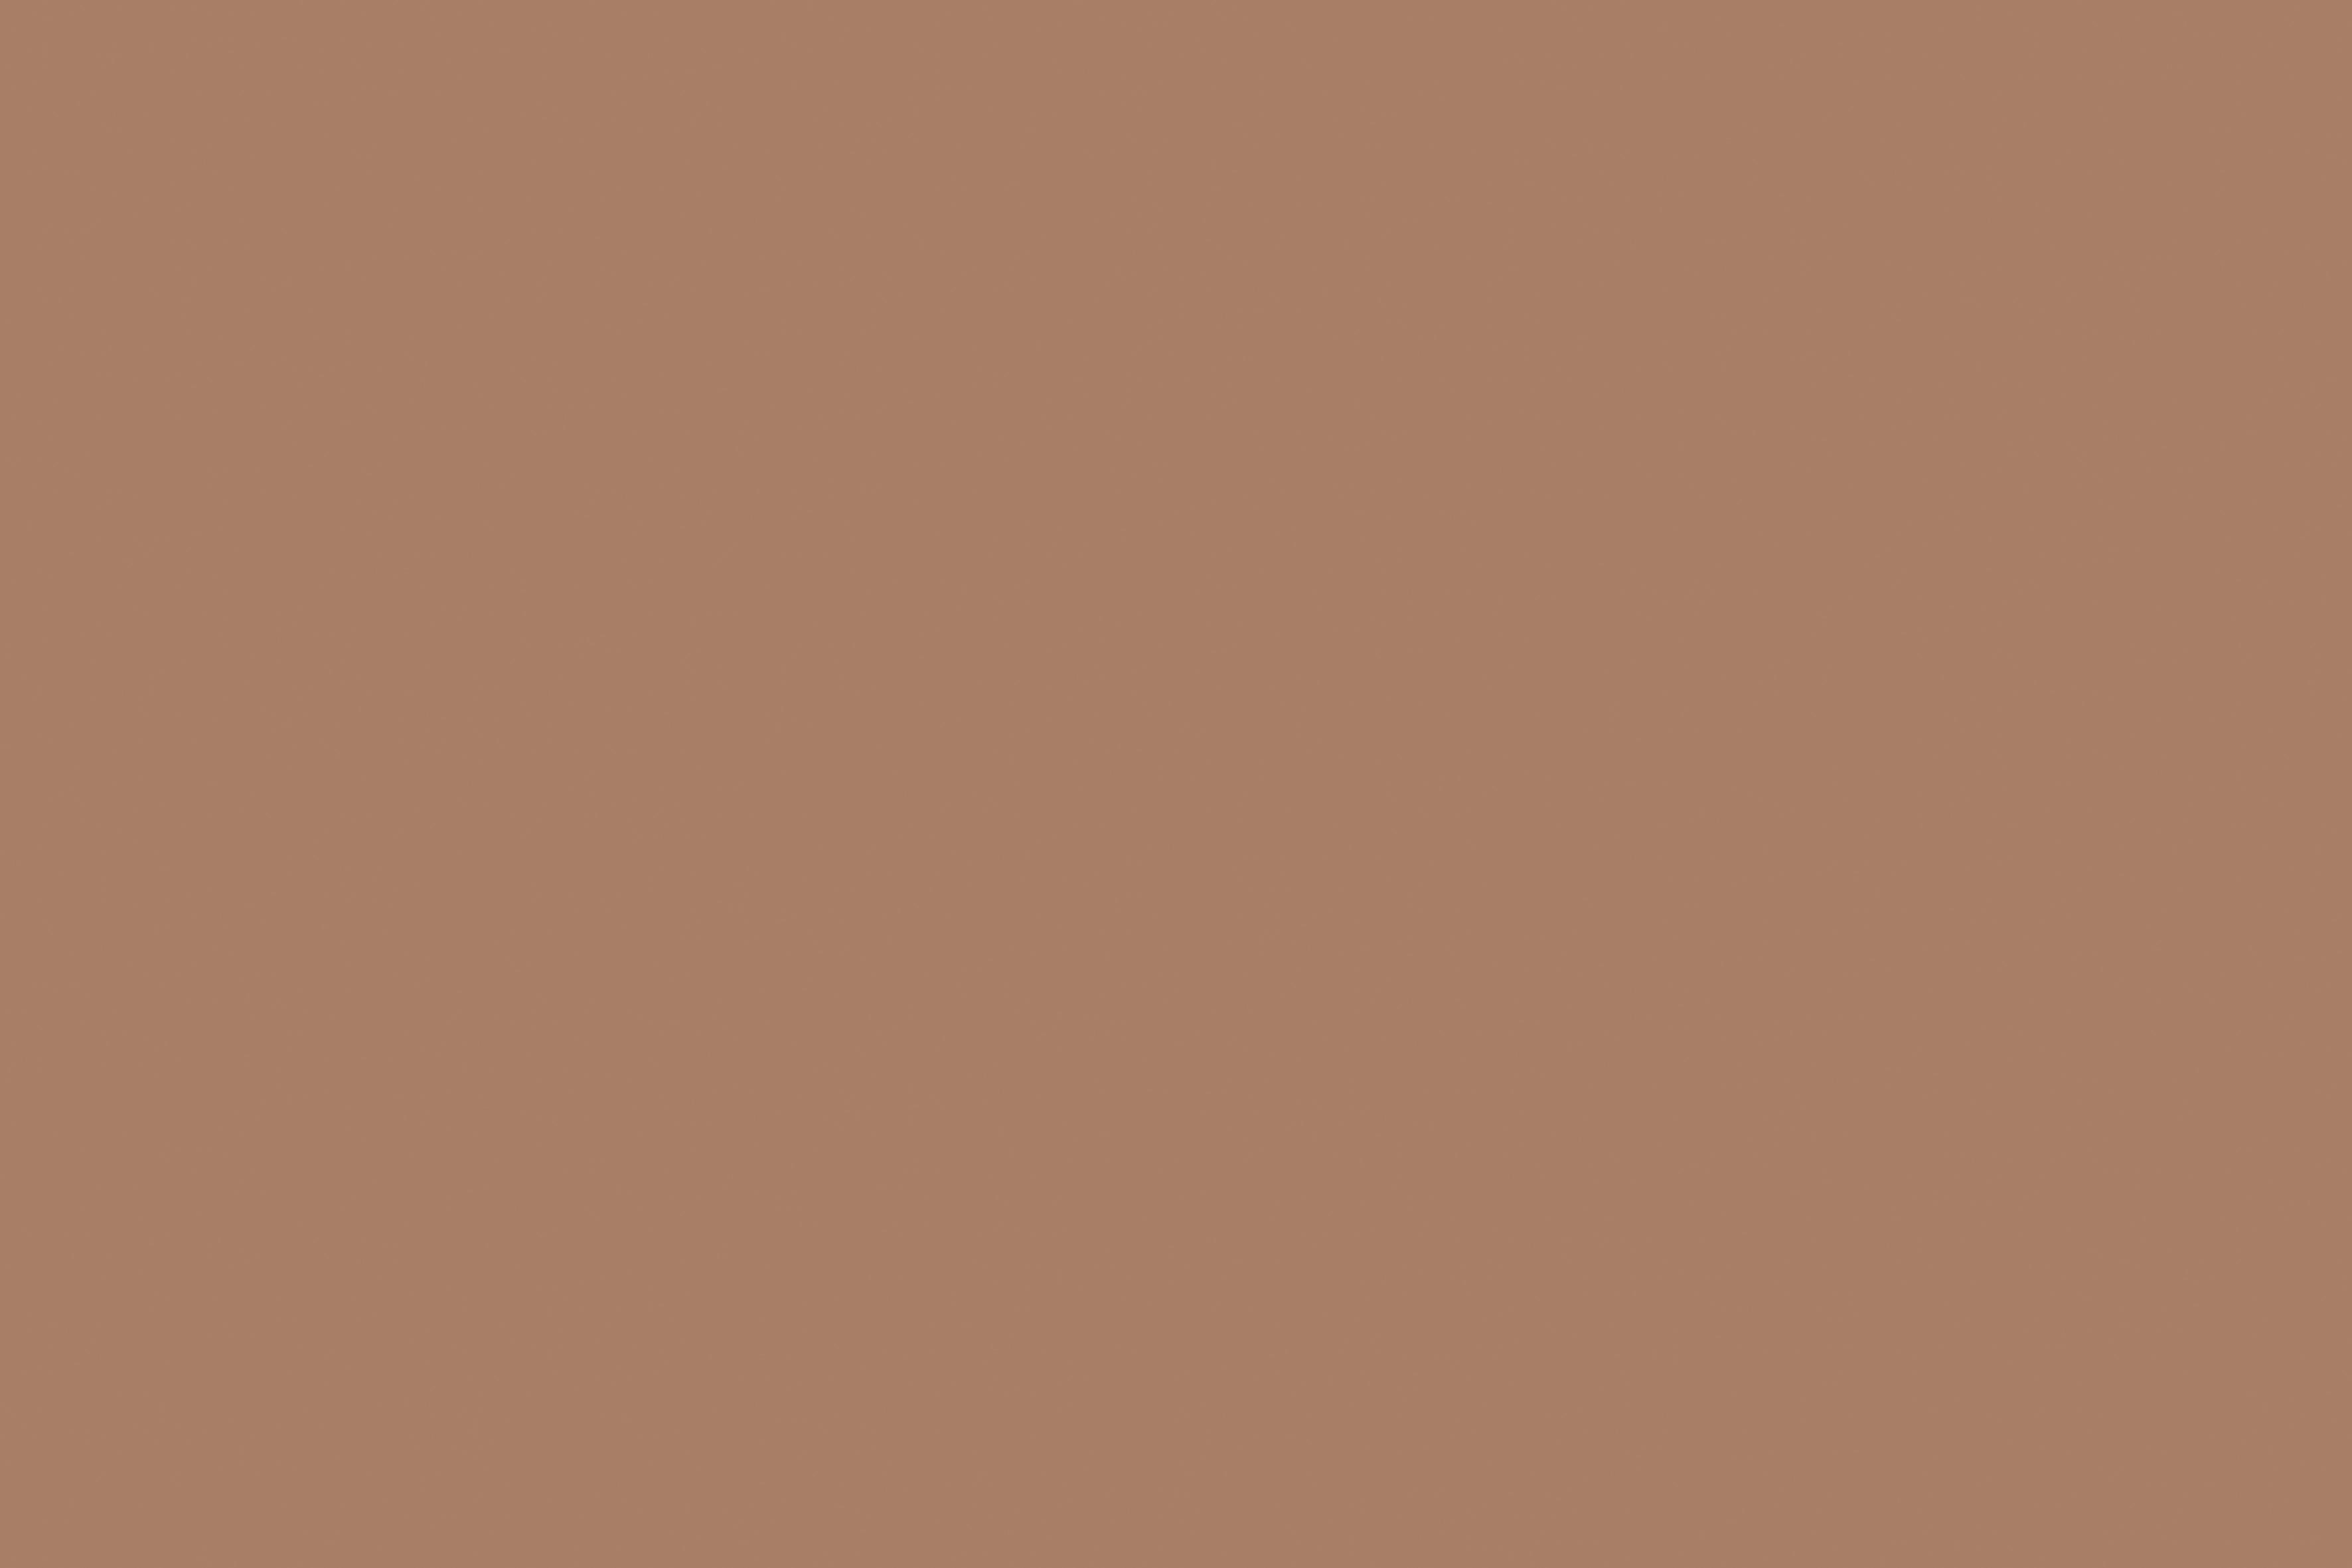 цвет терракота